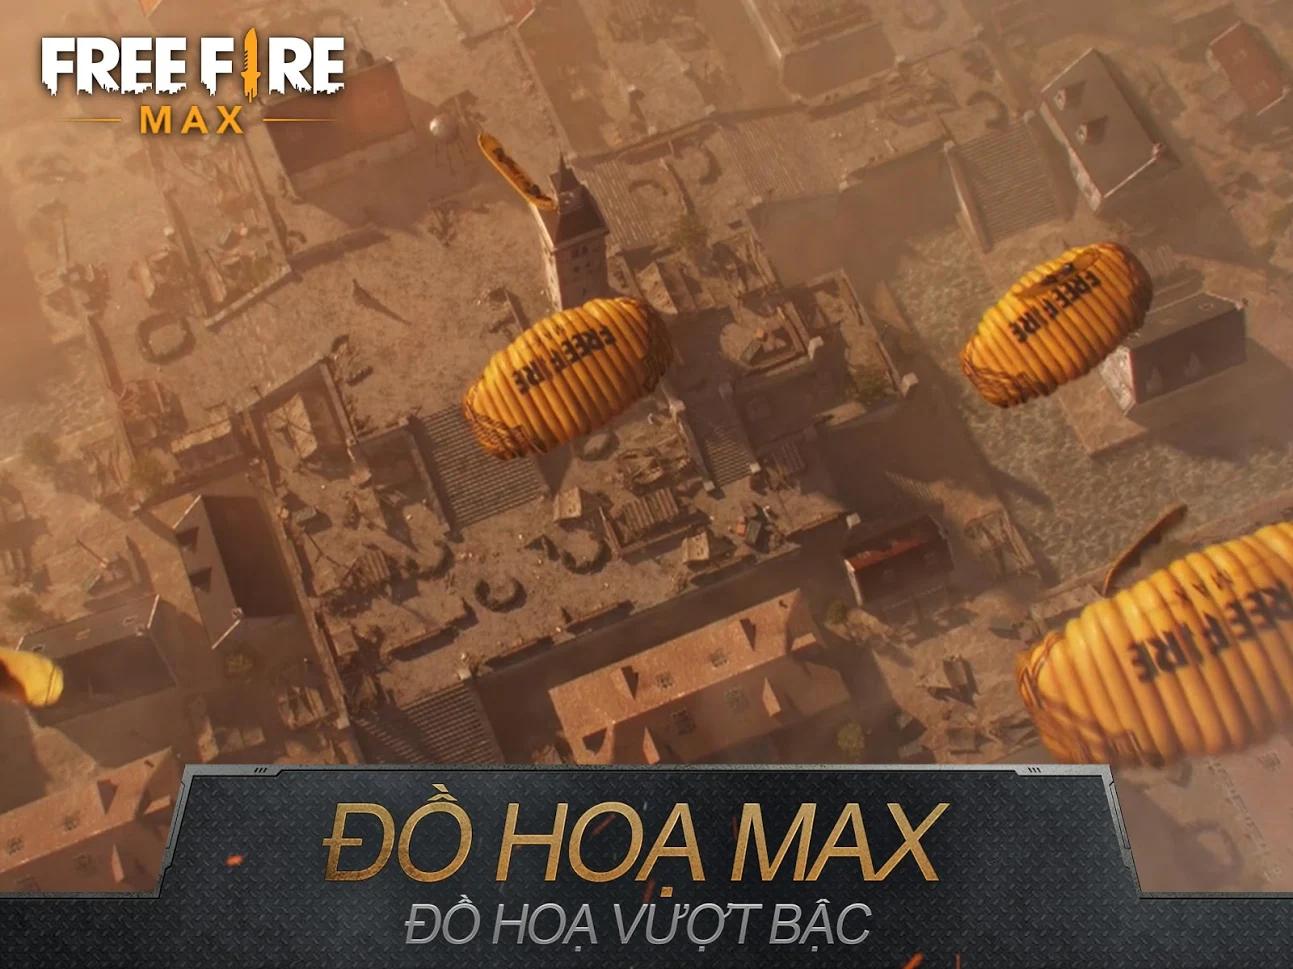 free-fire-max-la-gi-nhung-dieu-can-biet-ve-free-fire-max